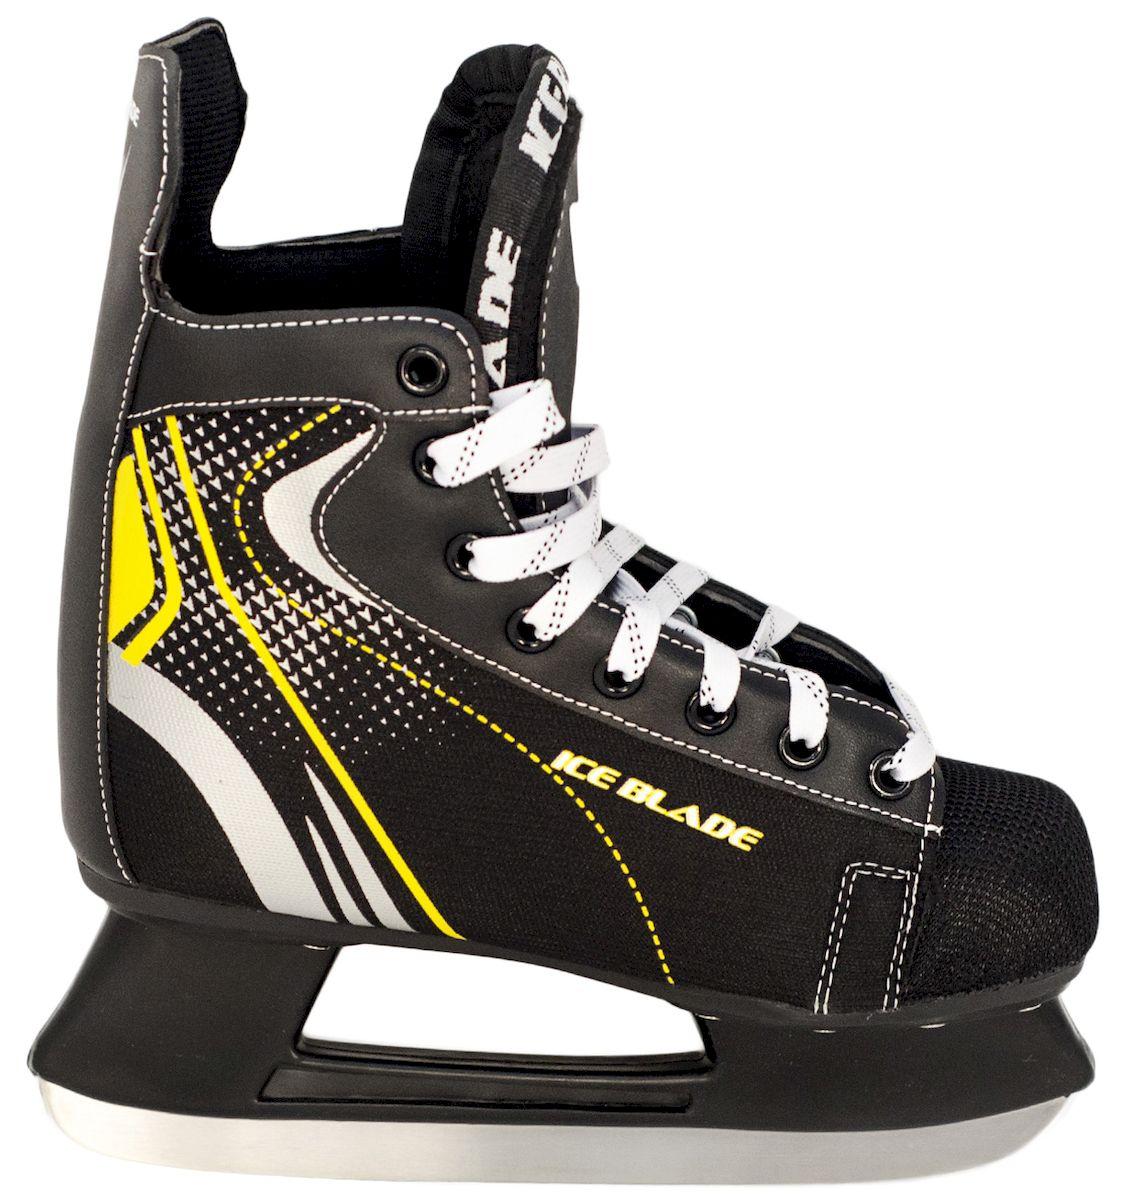 Коньки хоккейные Ice Blade Shark, цвет: черный, желтый. УТ-00006841. Размер 39